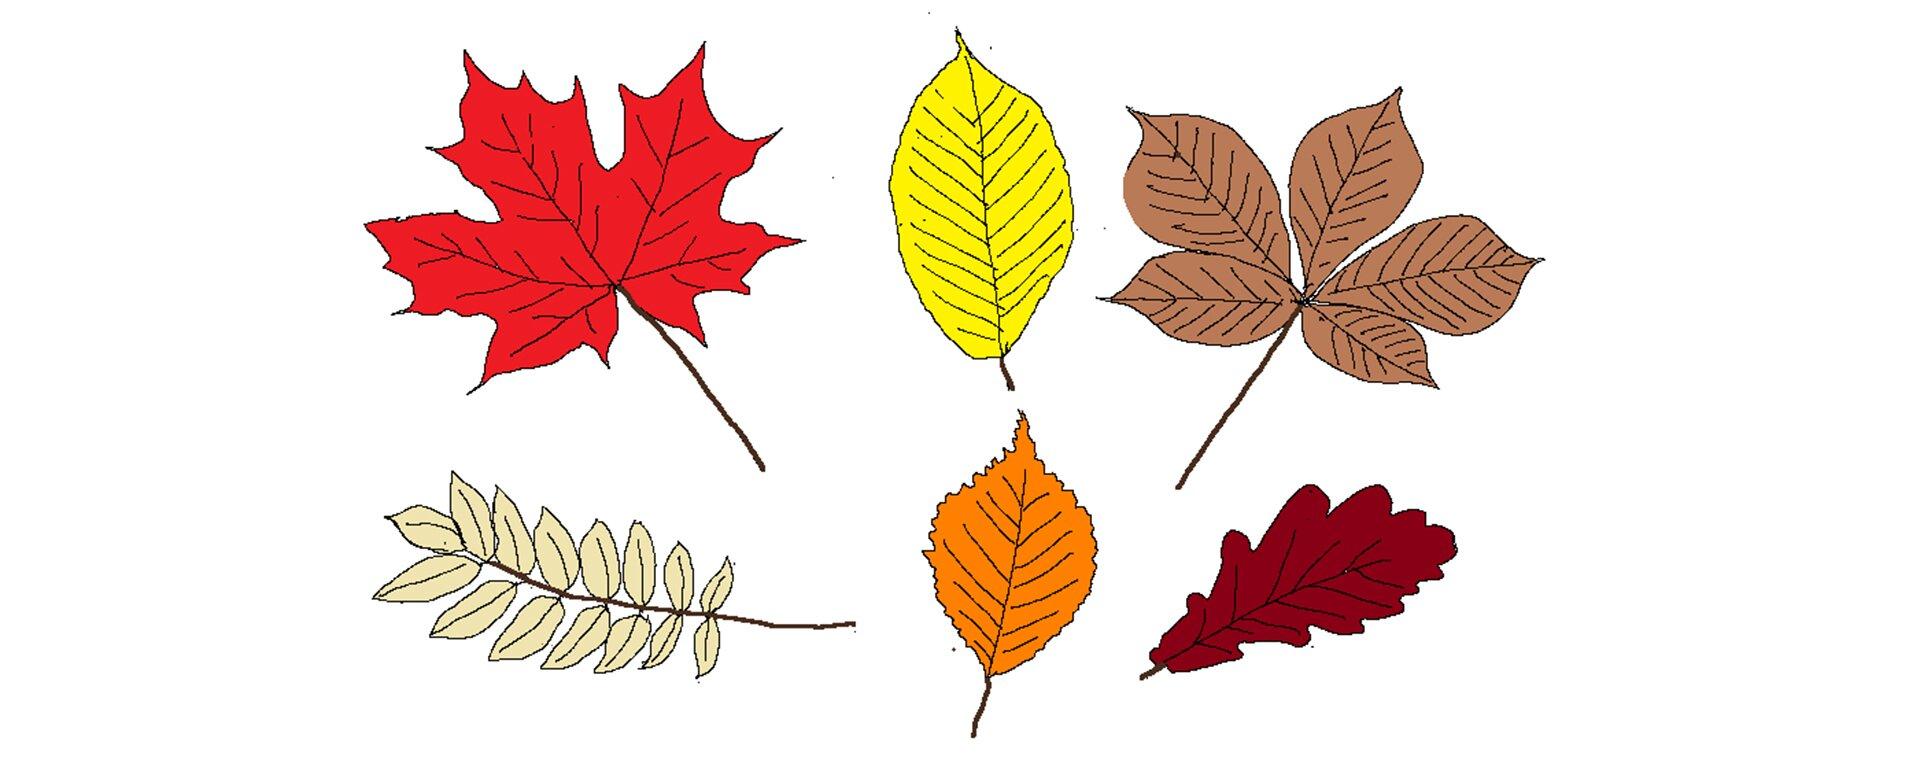 Ilustracja przedstawiająca liście wypełnione kolorem